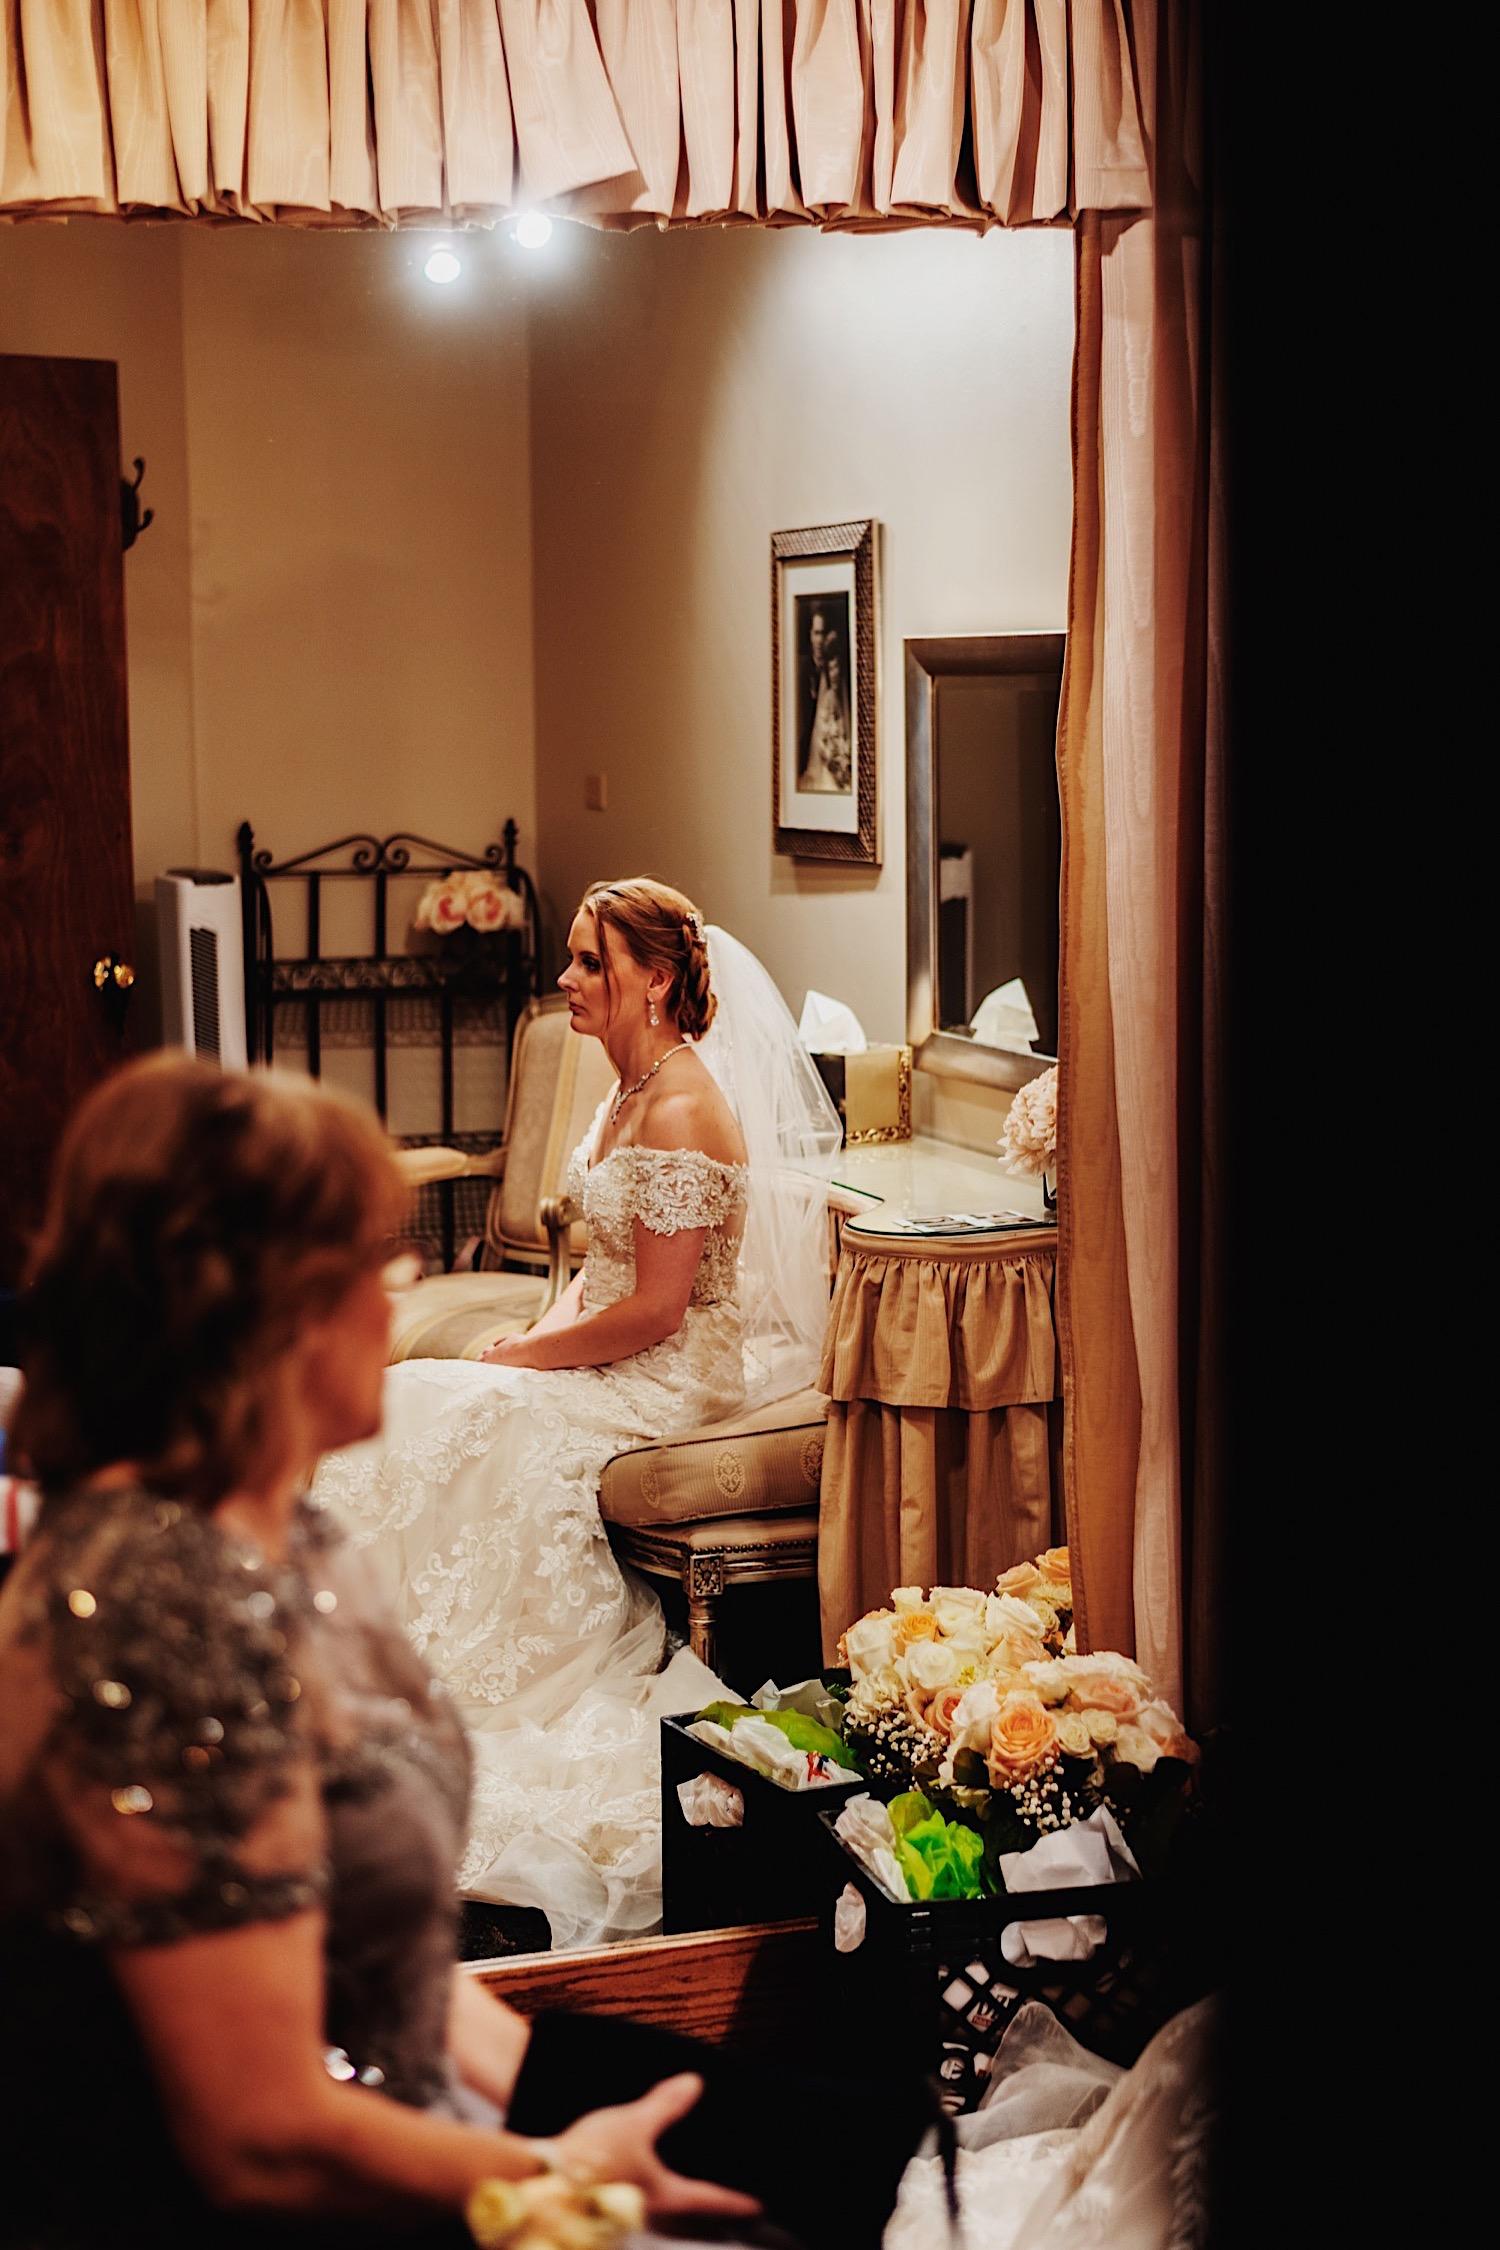 029_Dodd-Hejnar-Riverside-Reception-Geneva-Illinois-Wedding_0046.jpg